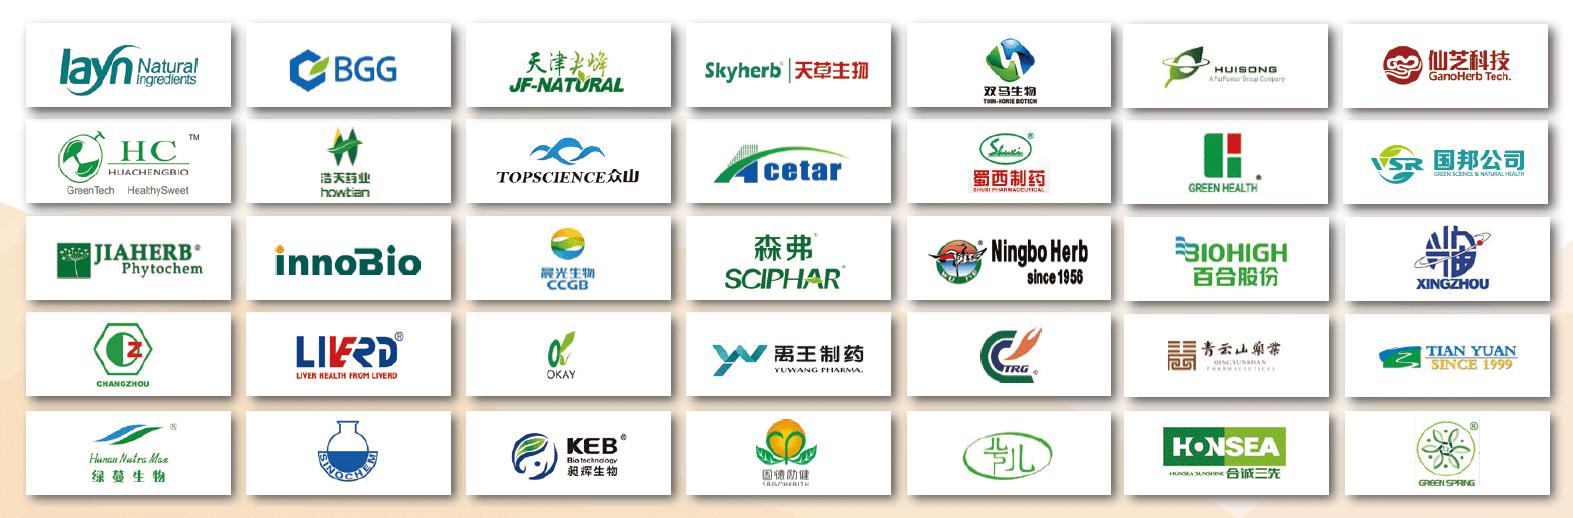 汇聚600+天然提取物产业核心势力